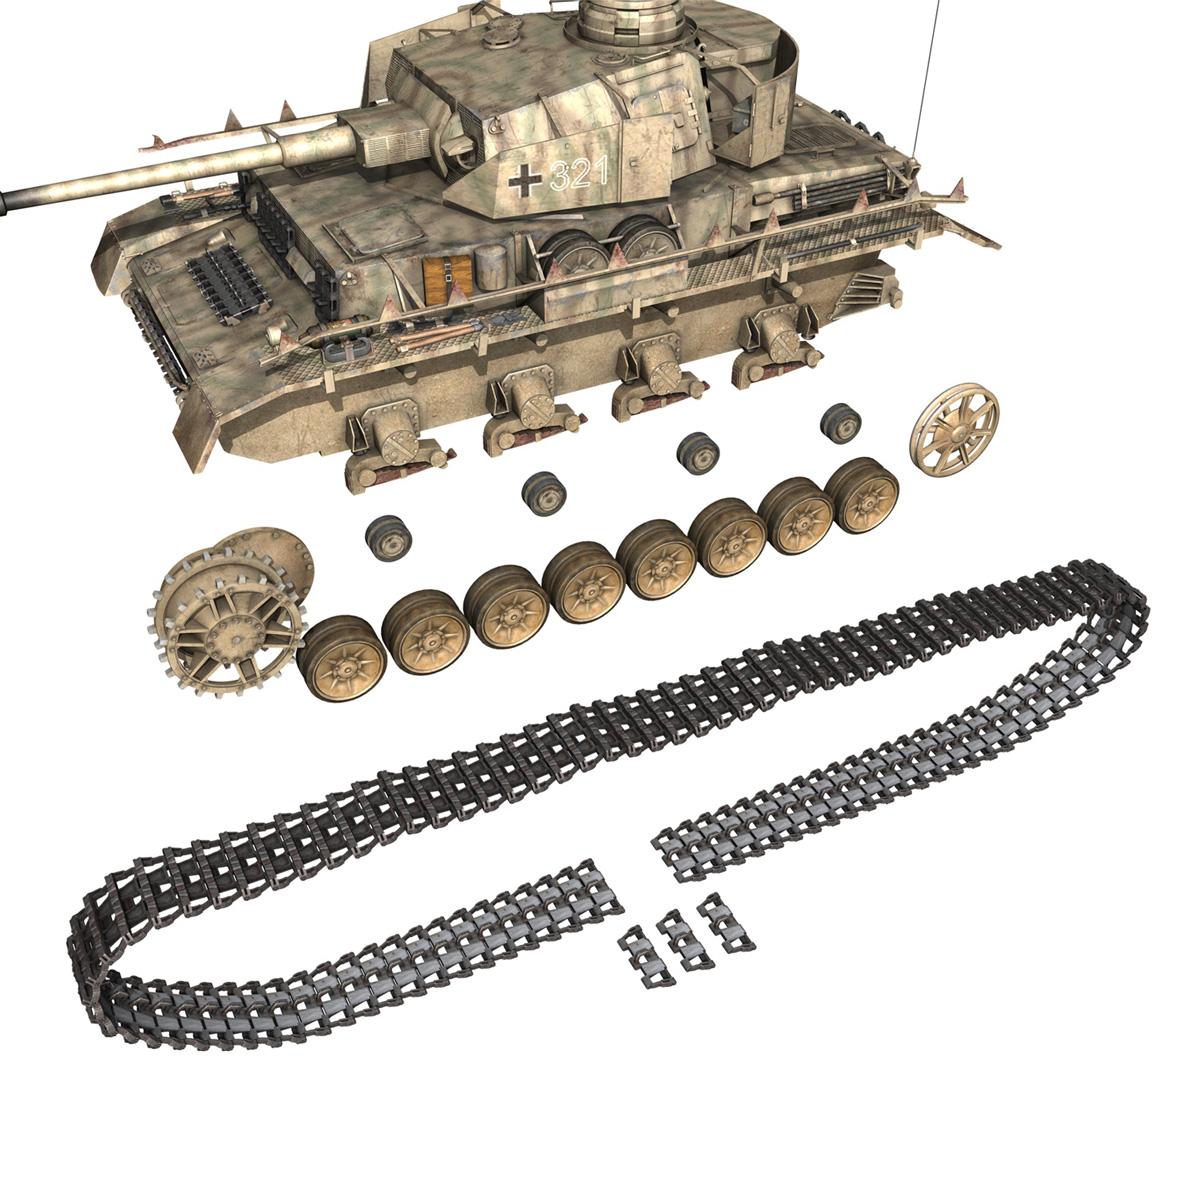 sd.kfz 161 pzkpfw iv panzer 4 ausf.h late 3d model 3ds fbx c4d lwo obj 190347